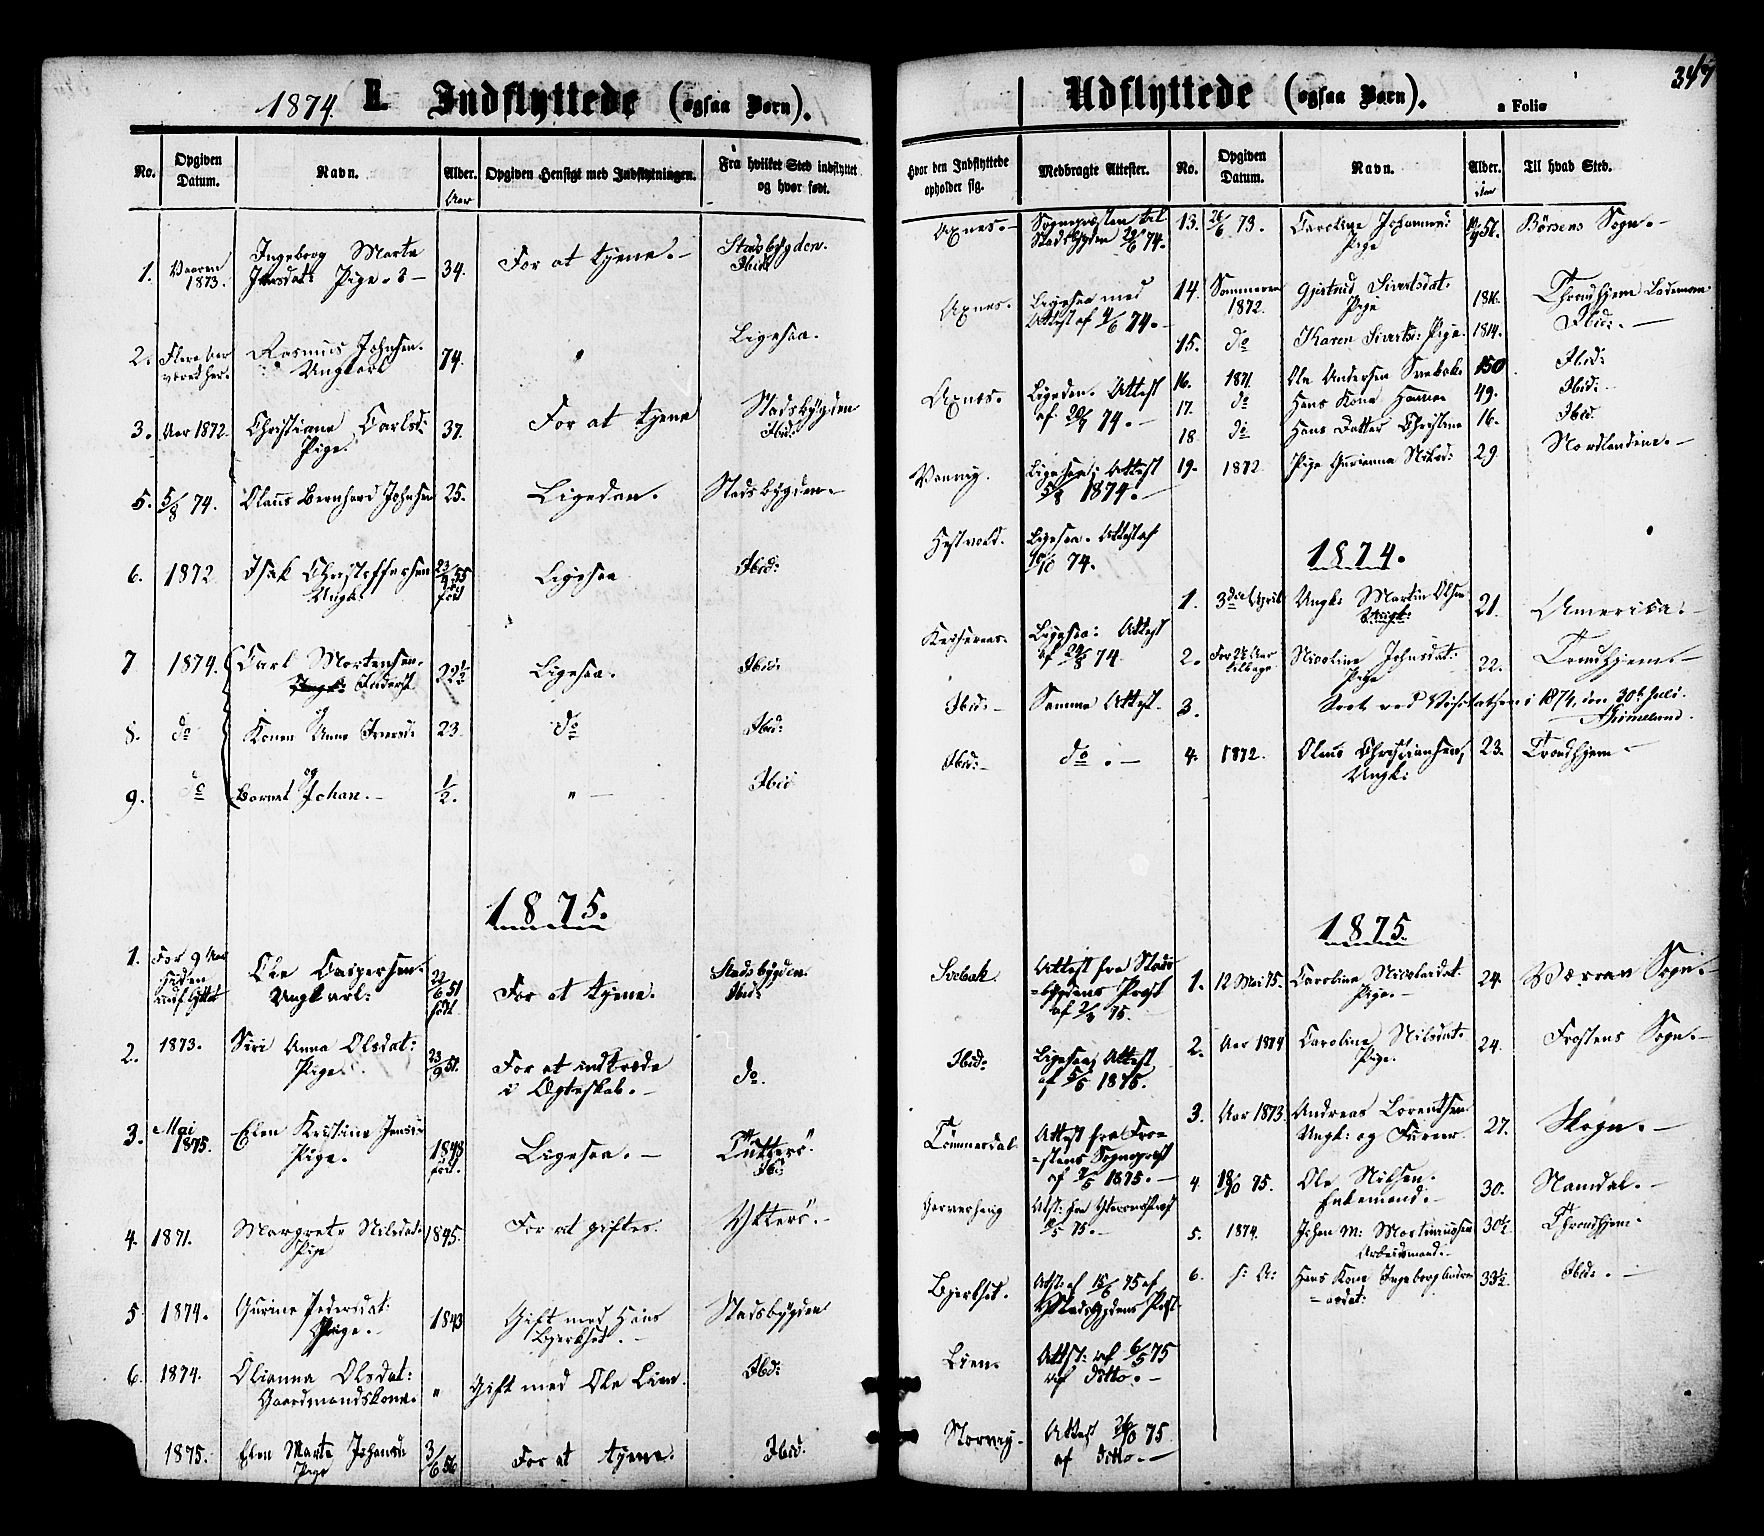 SAT, Ministerialprotokoller, klokkerbøker og fødselsregistre - Nord-Trøndelag, 701/L0009: Ministerialbok nr. 701A09 /1, 1864-1882, s. 347